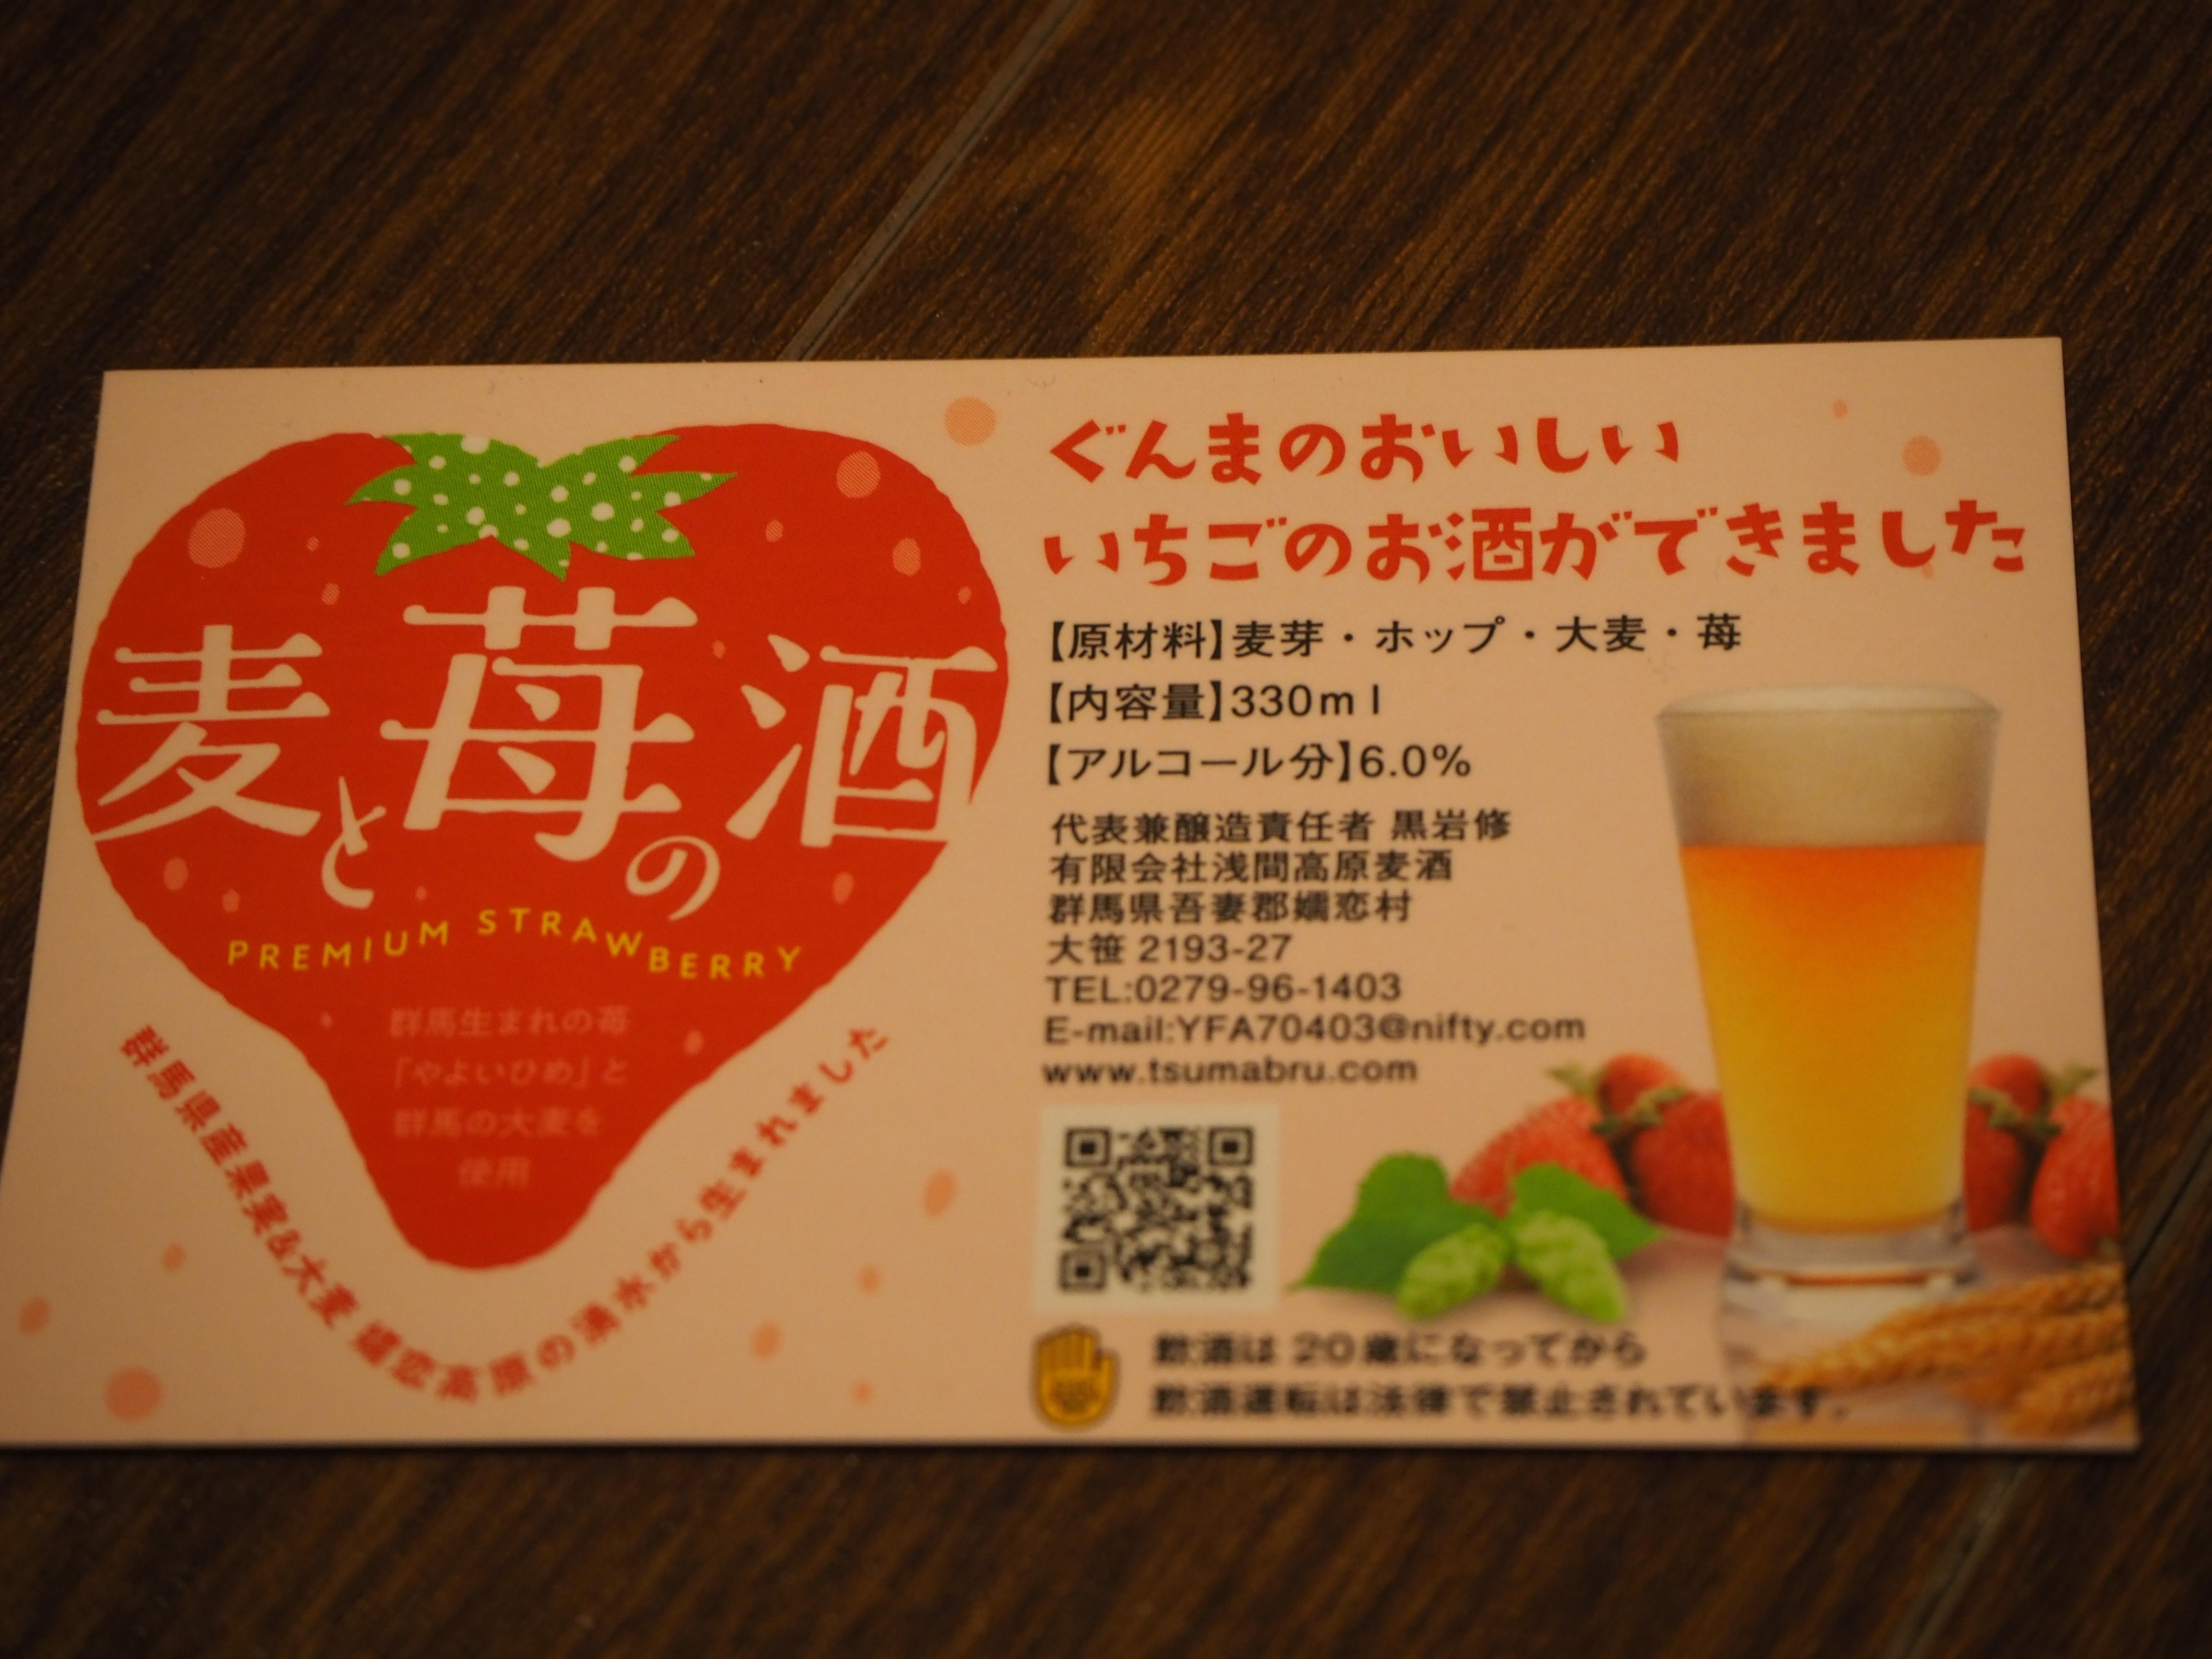 麦と苺の酒 カード